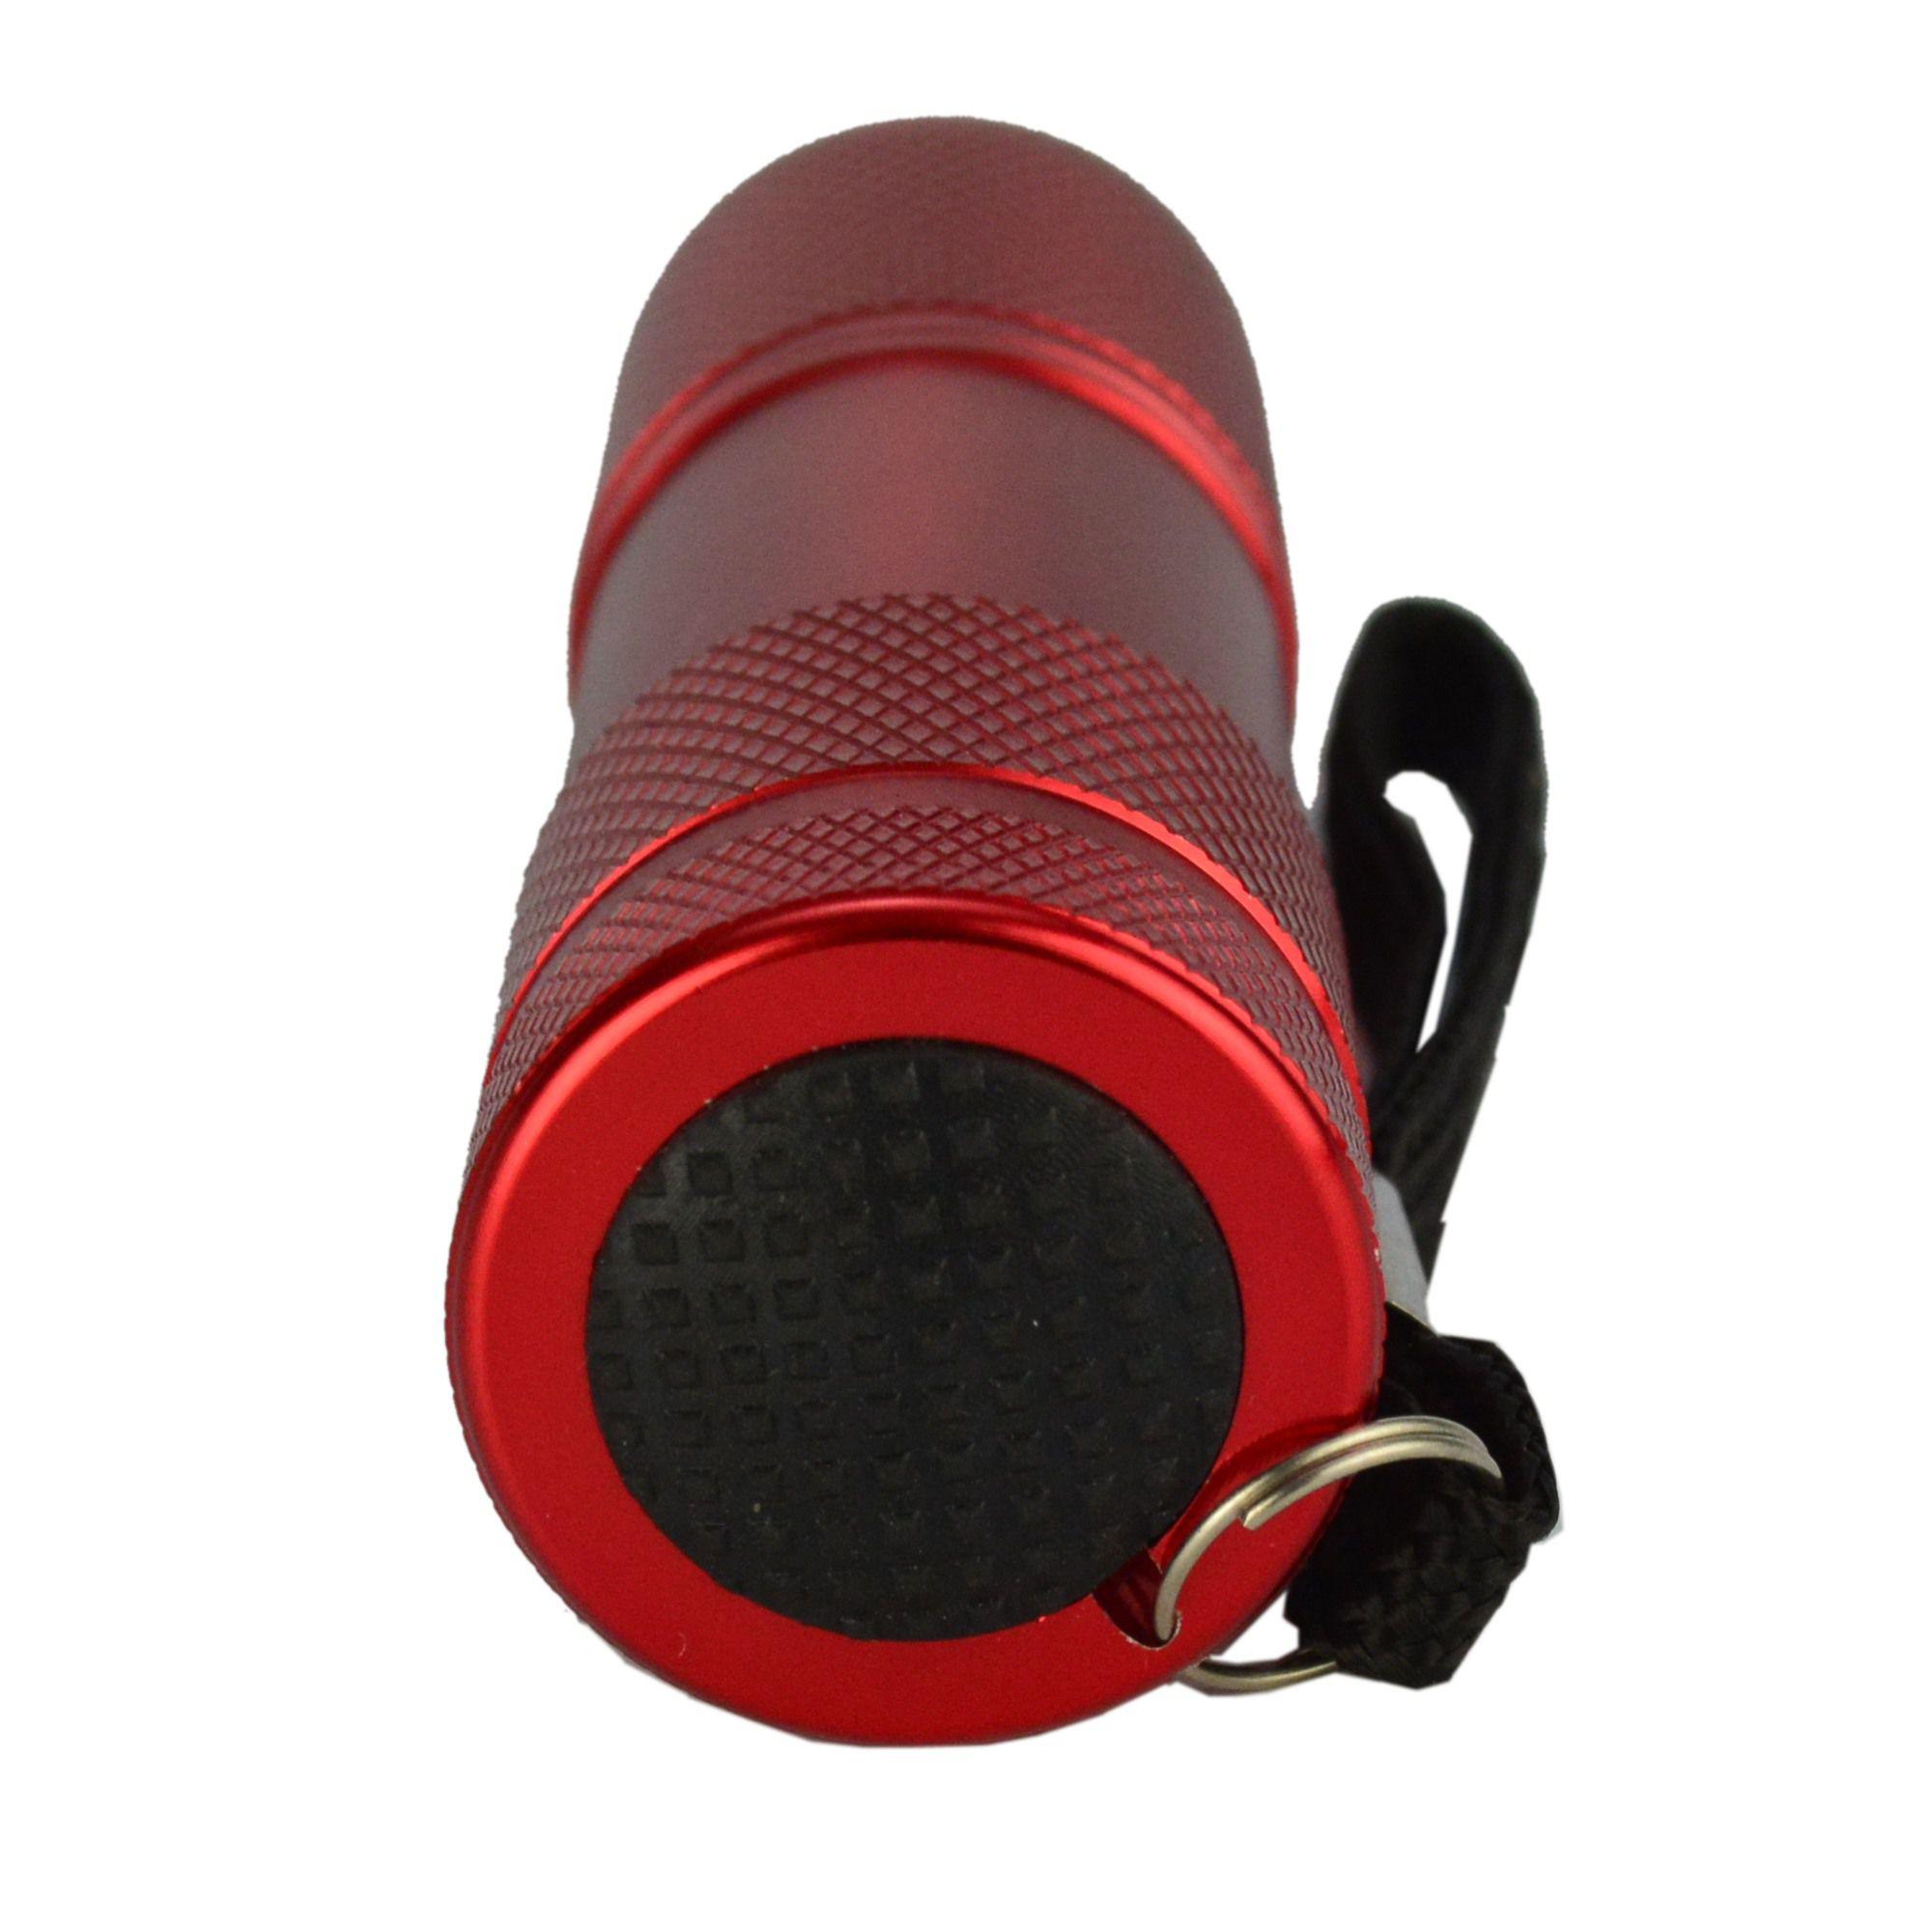 Detector de Dinheiro Falso Escorpião 9 LEDS UV Kit 5 Peças Vermelho CBRN11872